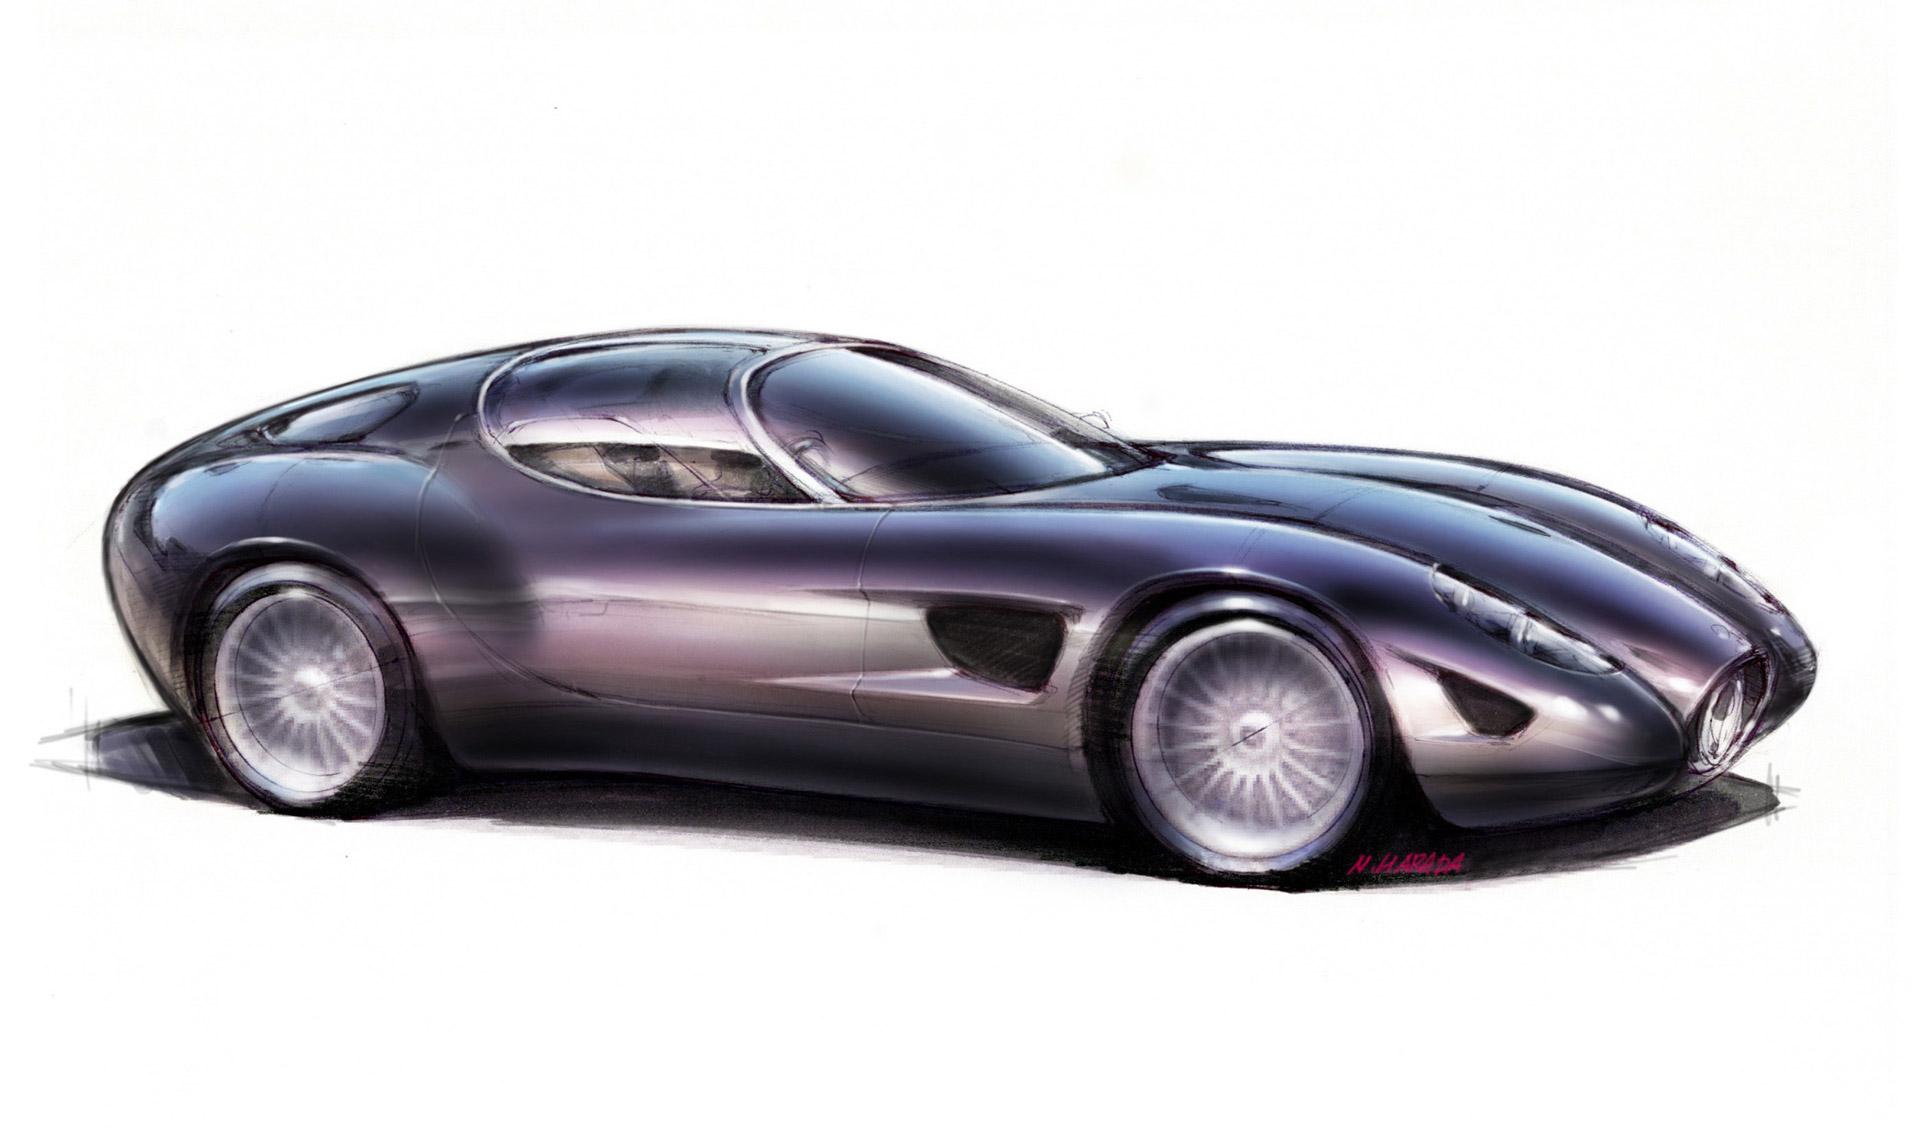 Zagato Mostro Concept Carroll Shelby S Last Car Audi Q8